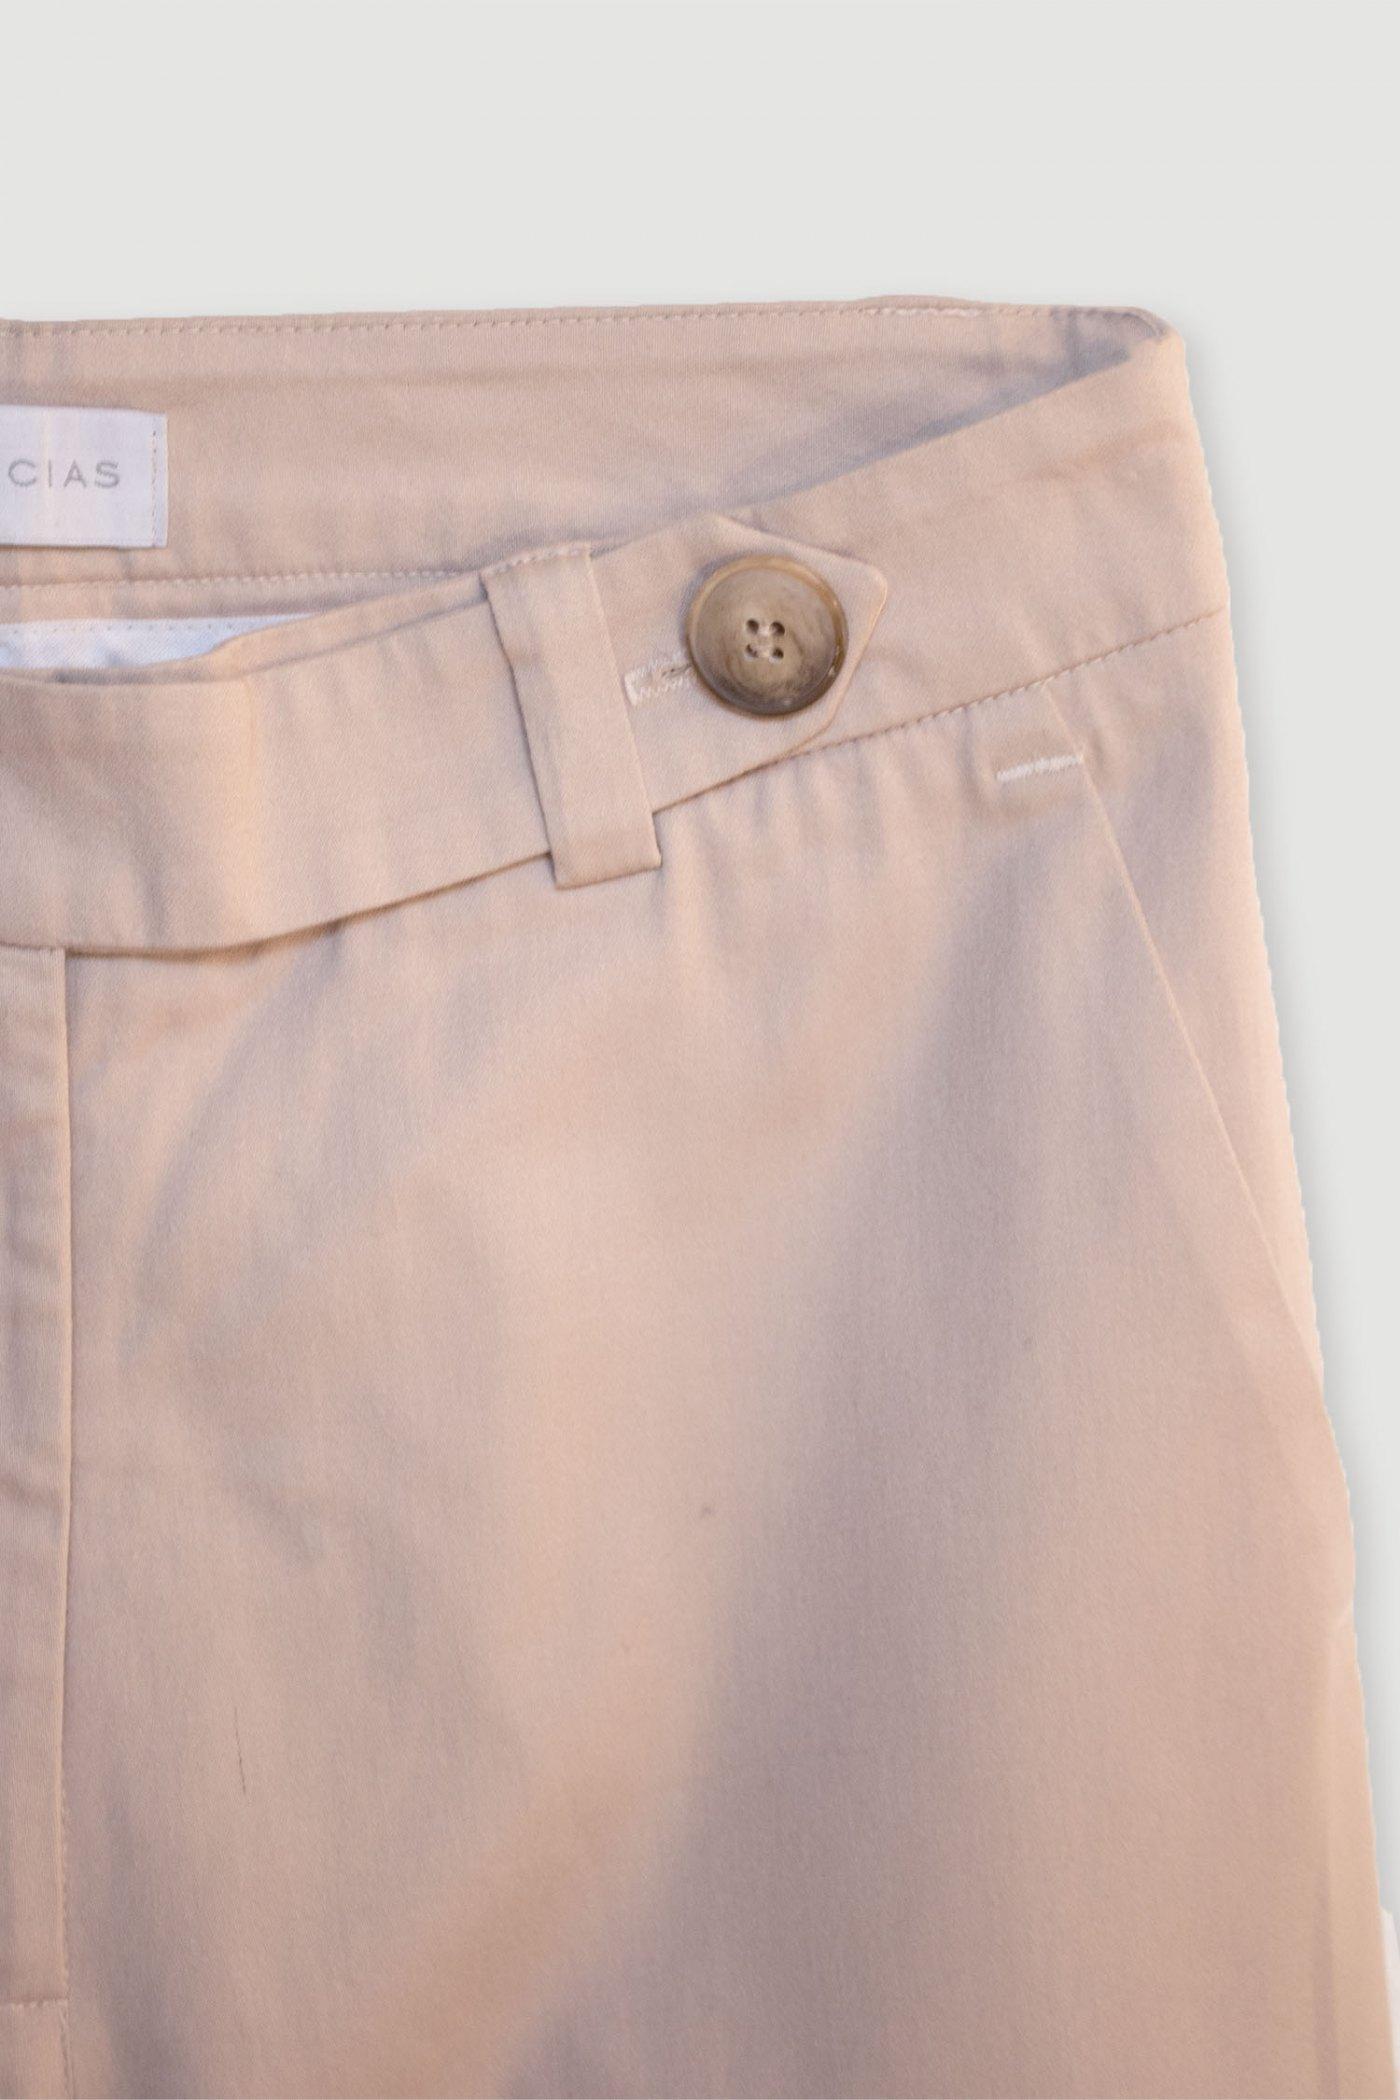 Pantalón Uniforme Azul y Beige